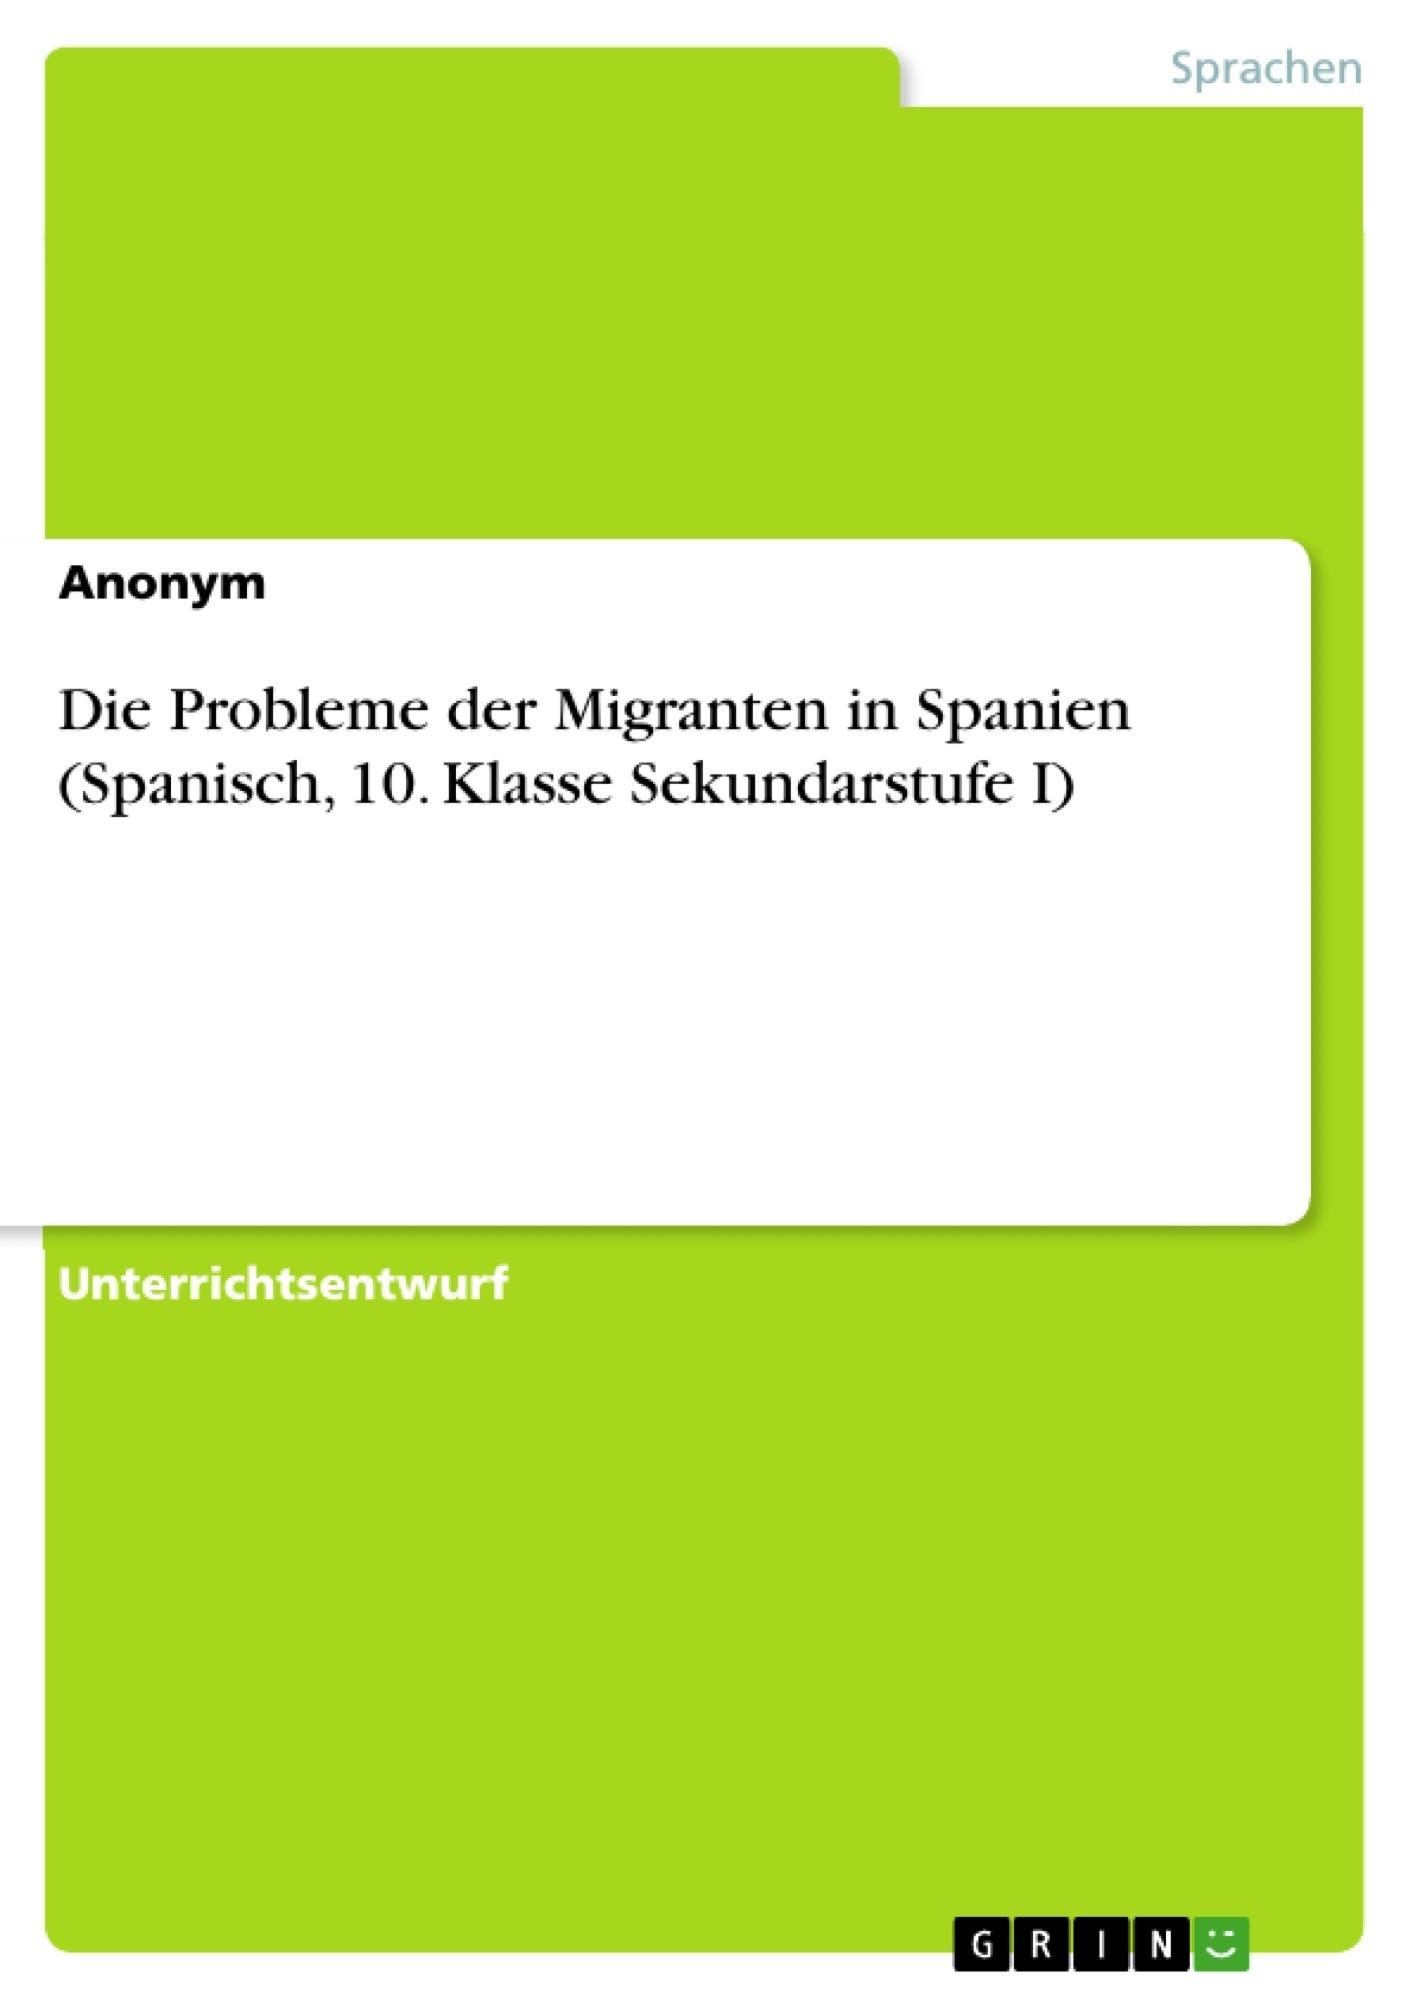 Titel: Die Probleme der Migranten in Spanien (Spanisch, 10. Klasse Sekundarstufe I)